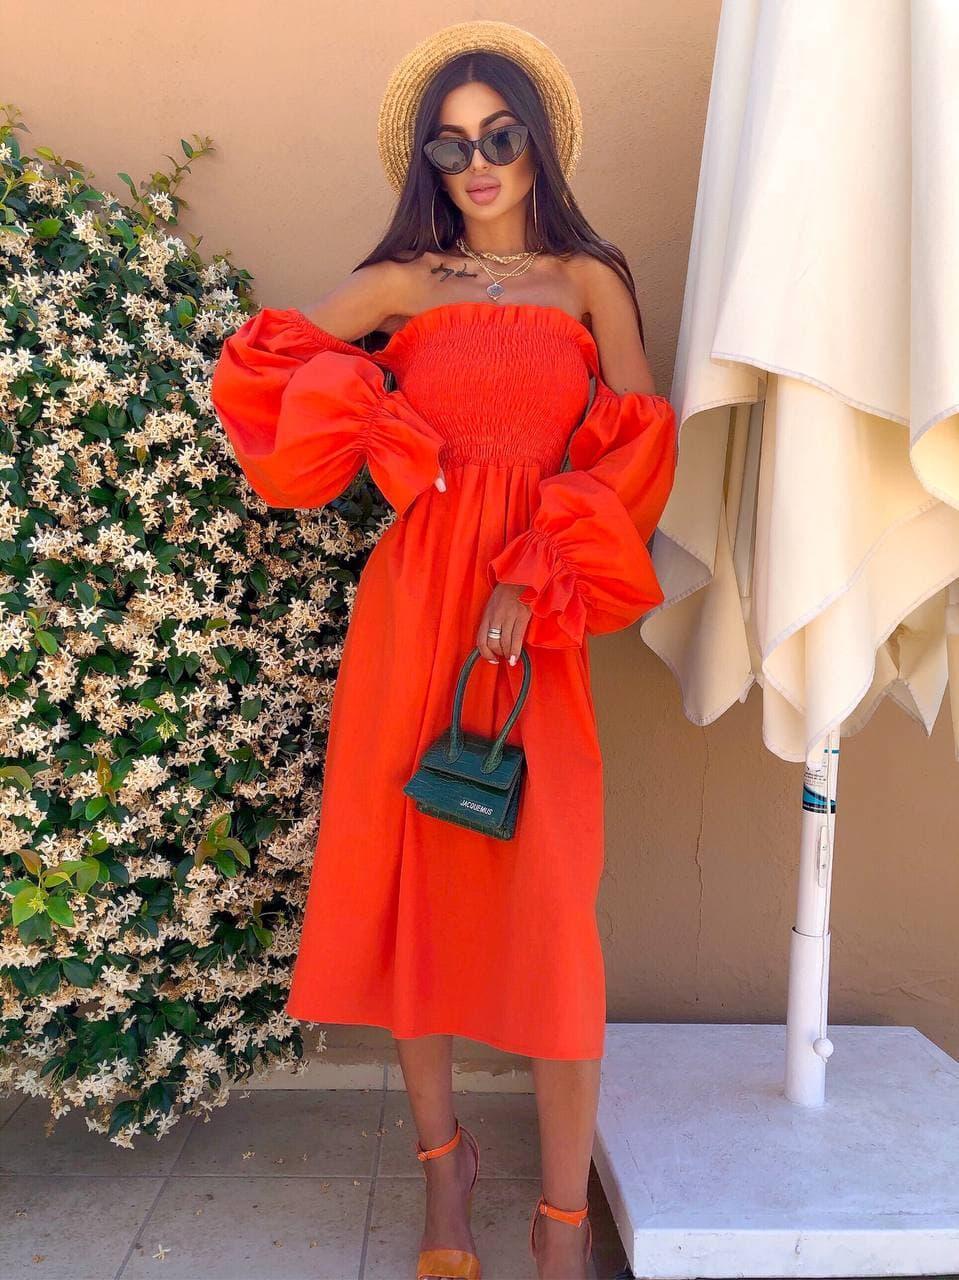 Стильне помаранчеве видовжене лляне плаття на плечі з пишними рукавами Orange